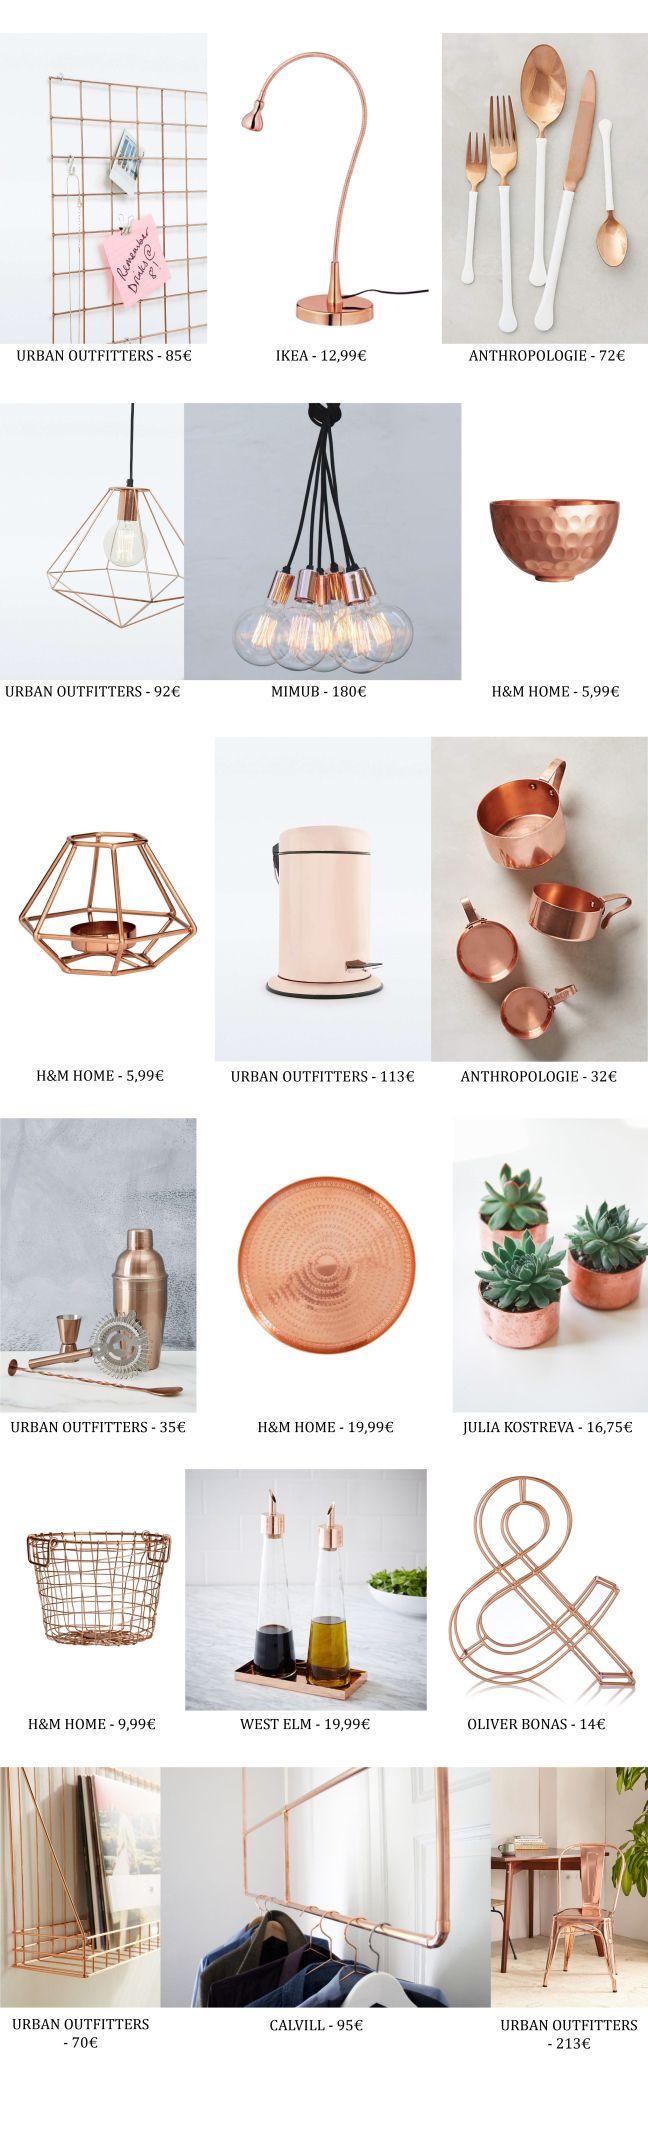 Tendencias decoración: El cobre - decoration: Copper